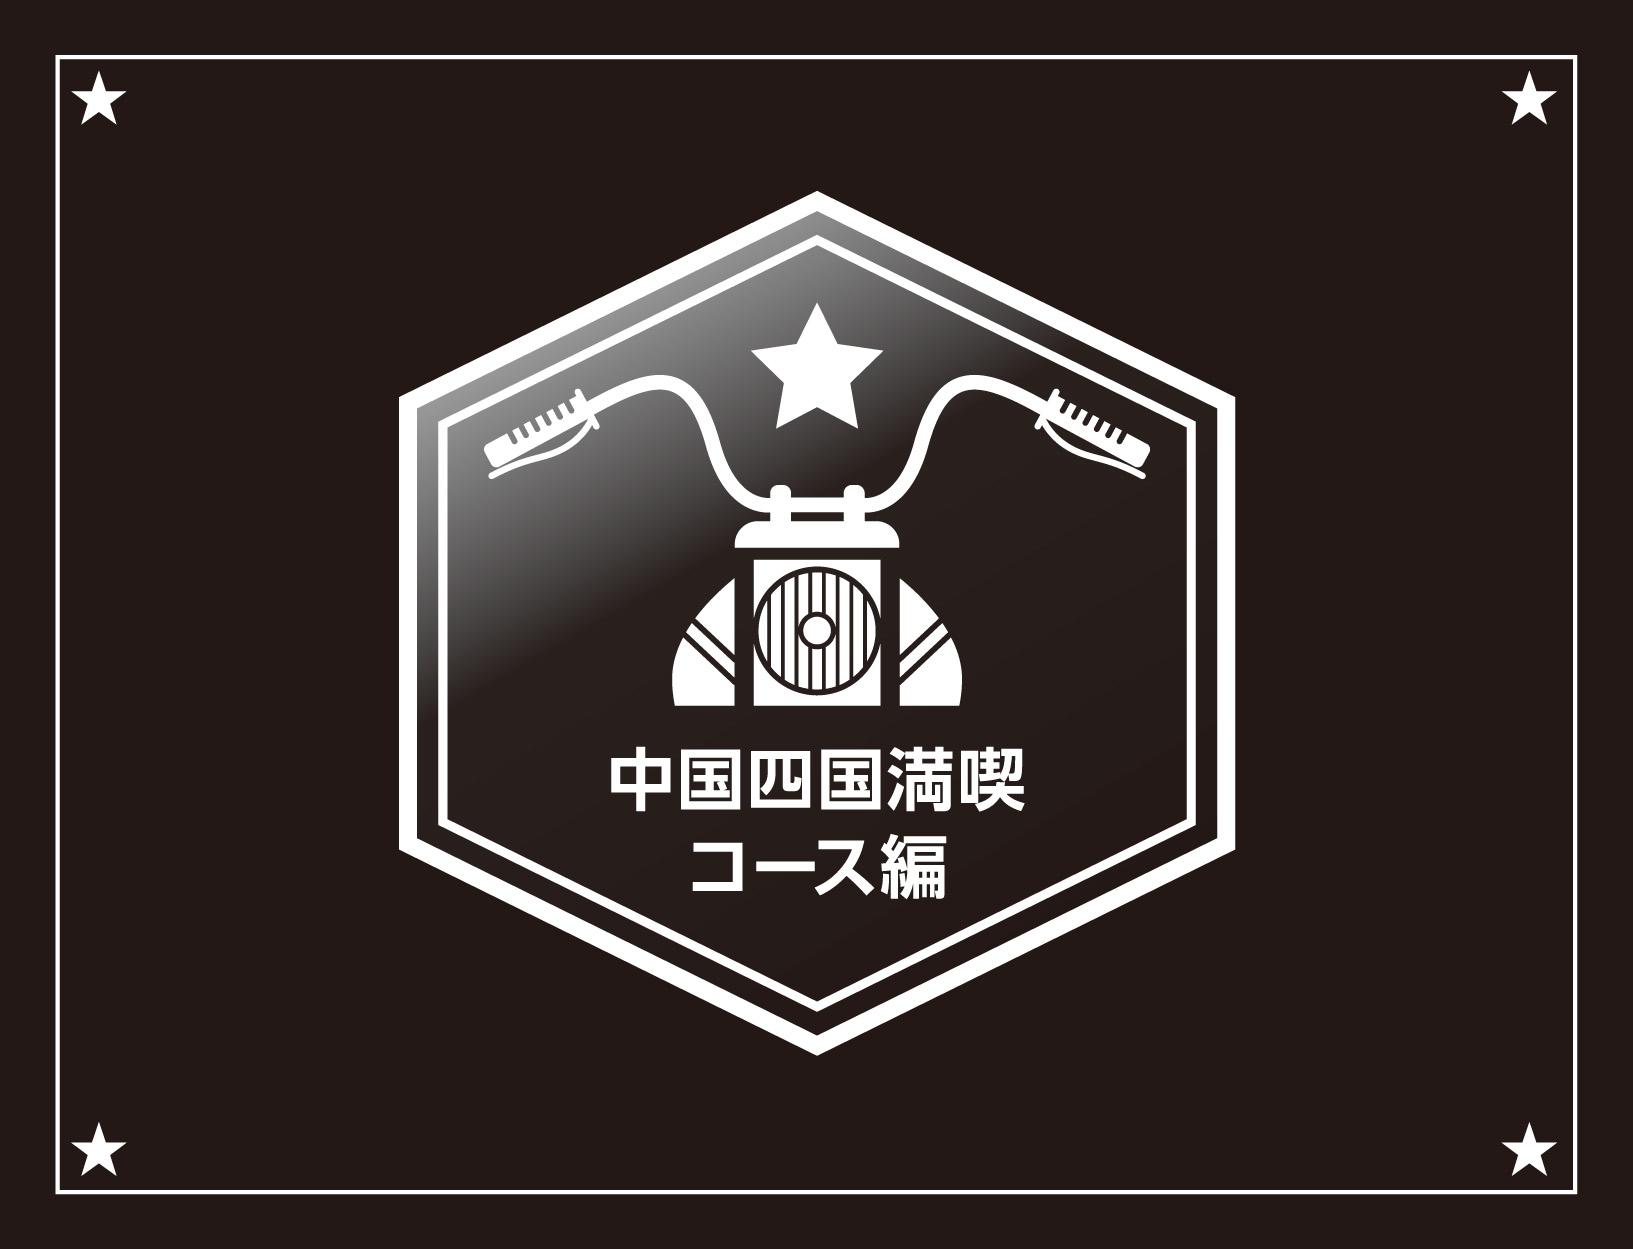 単車屋吉田 スタンプラリー 中国四国満喫コース